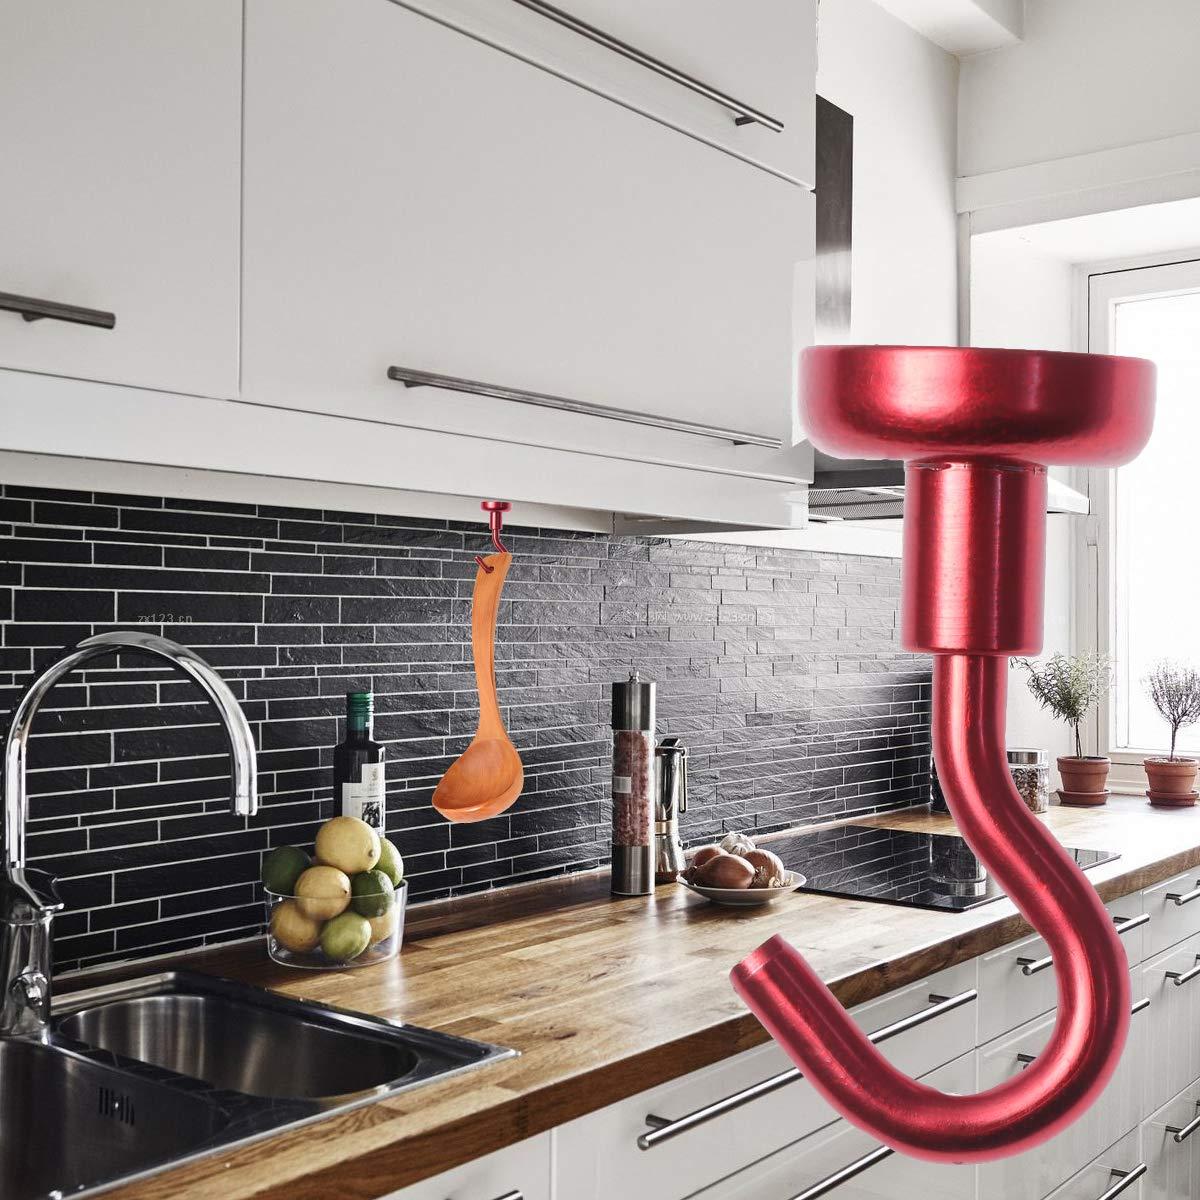 Cabilock 6 piezas de gancho magn/ético para trabajo pesado Ganchos de metal fuertes para la sala de estar en casa Comedor del dormitorio dorado, azul, rojo, verde, p/úrpura, negro di/ámetro 1,6 mm